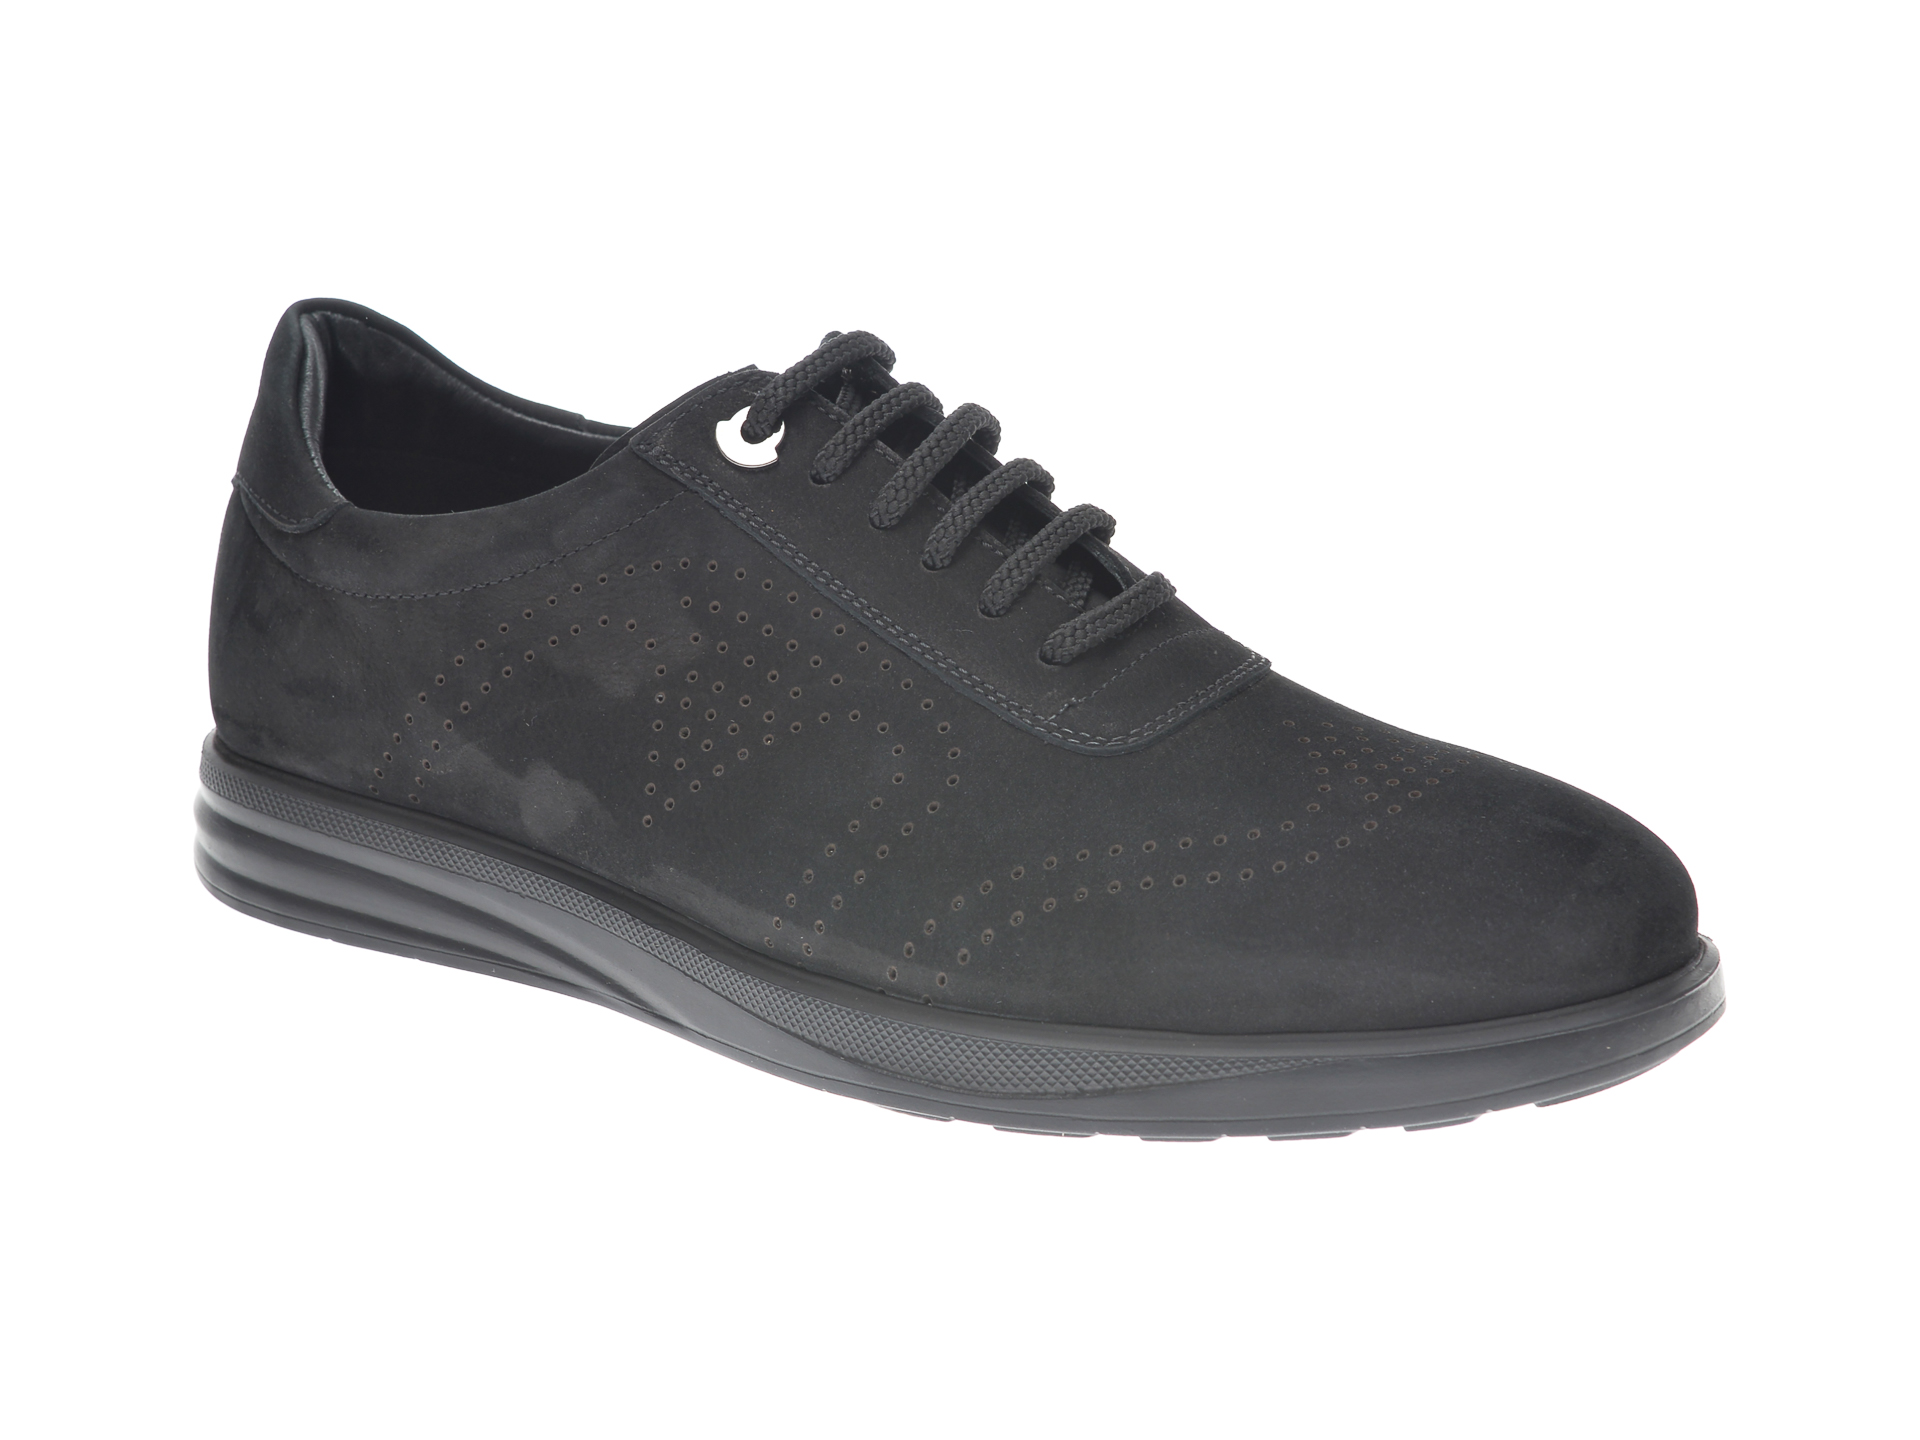 Pantofi OTTER negri, E881, din nabuc New